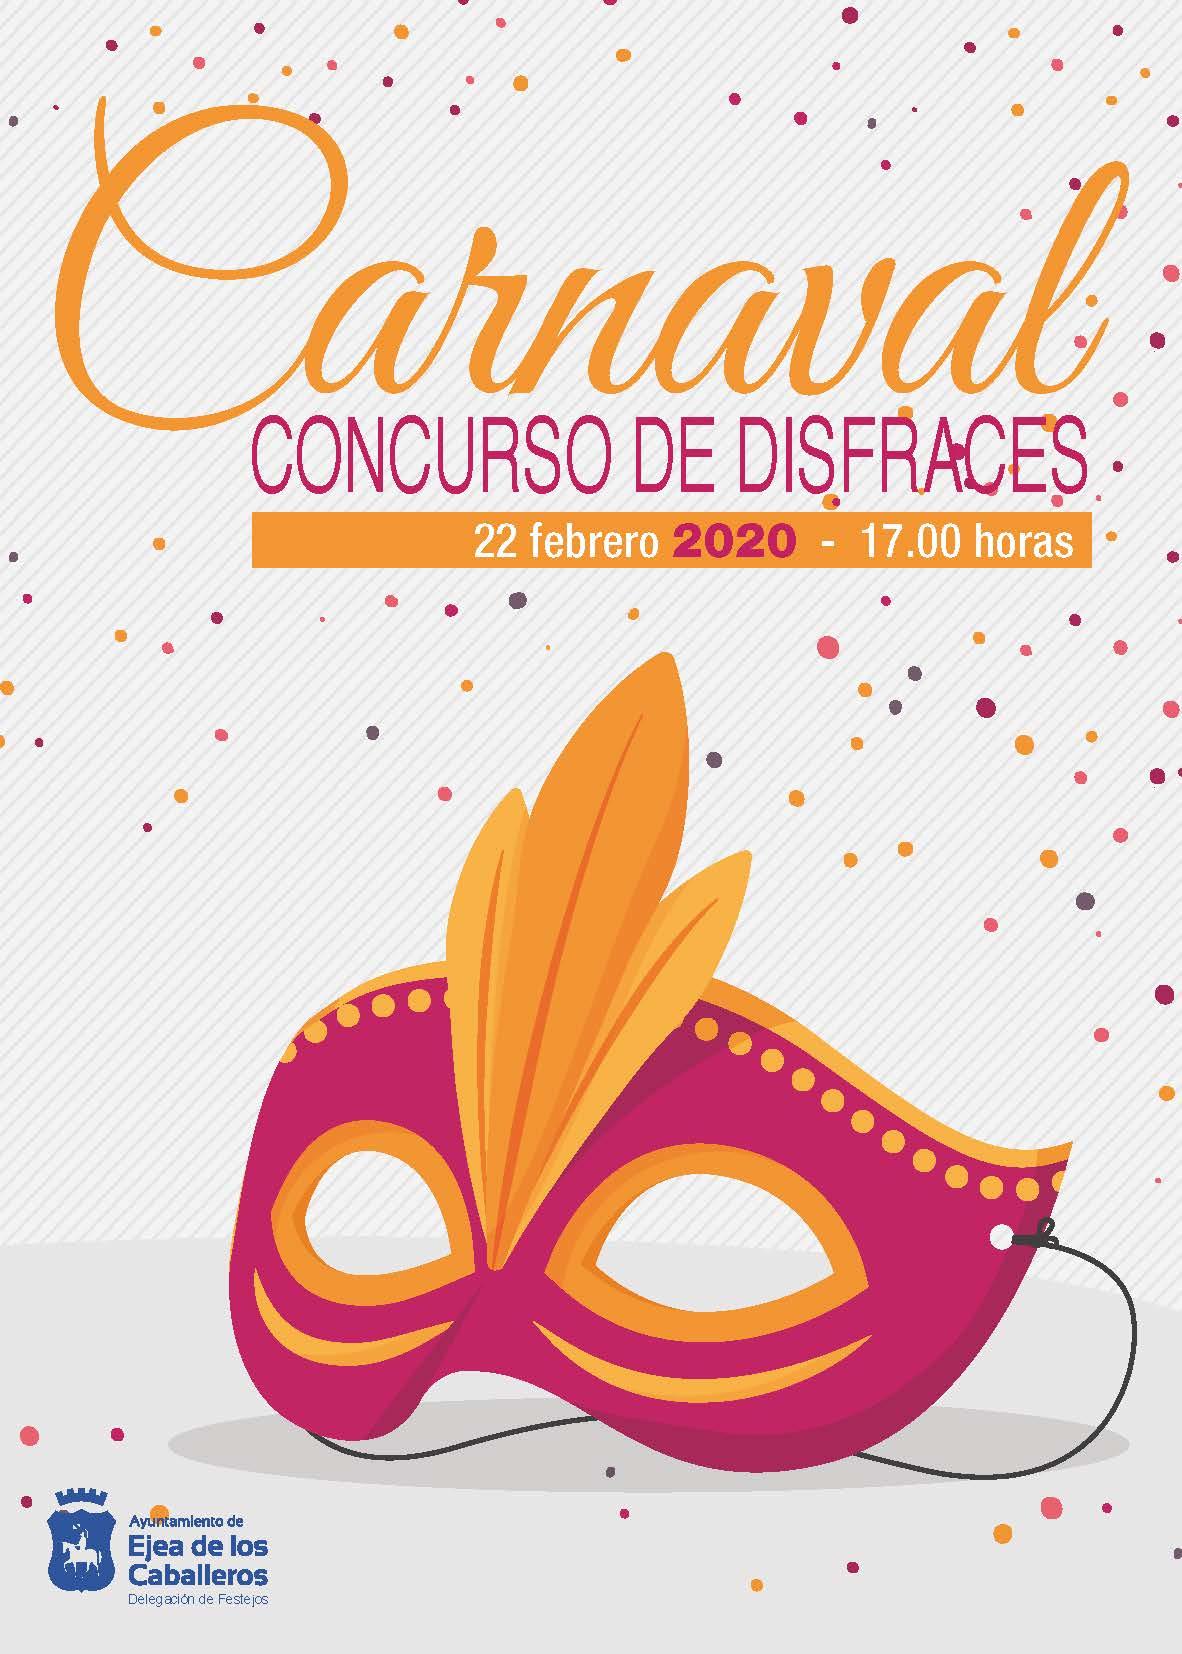 Bases del Concurso de Disfraces del Carnaval 2020: Una invitación a la participación y a la exhibición del ingenio de los ciudadanos